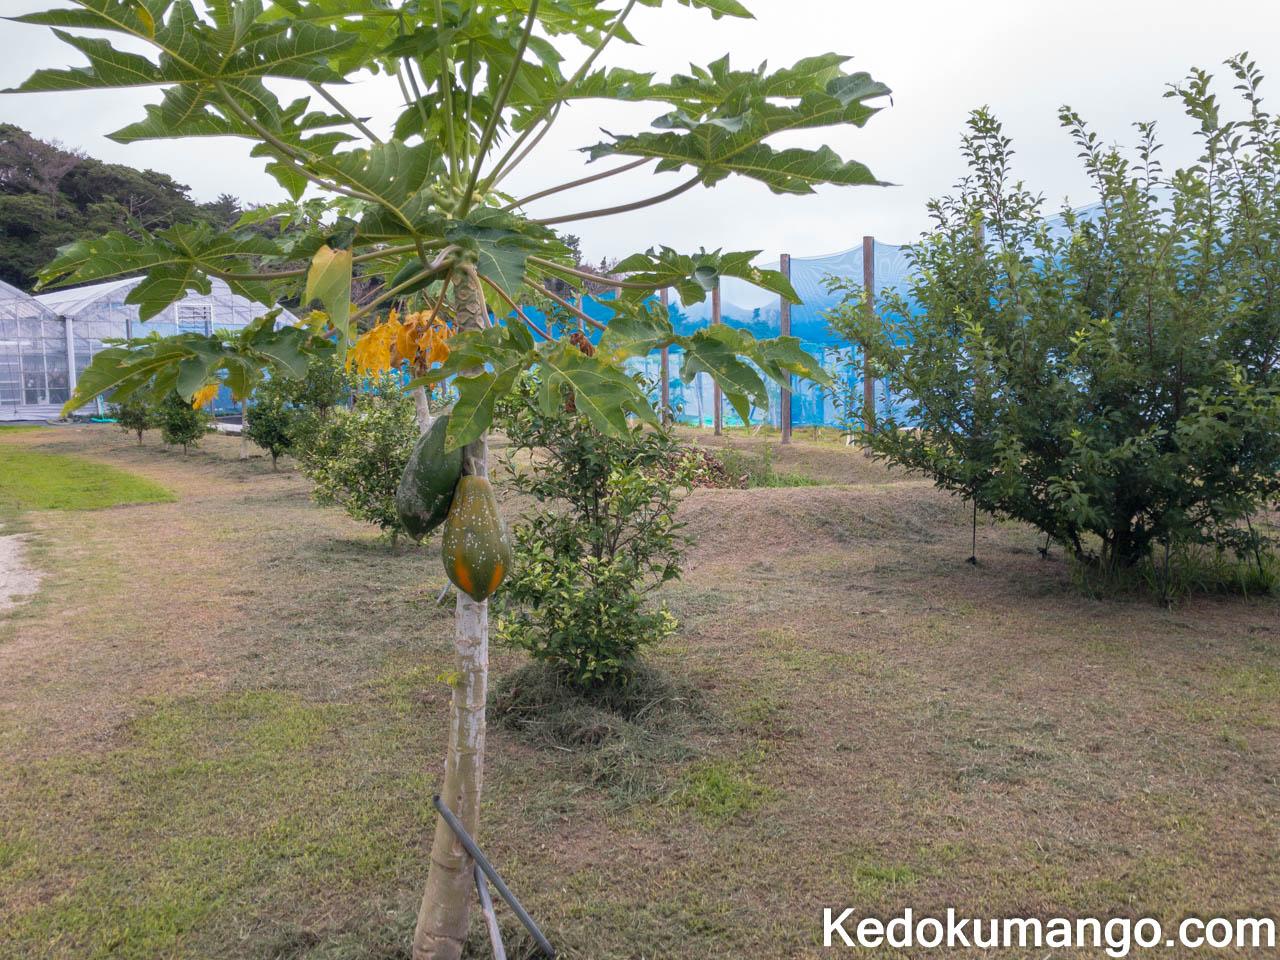 芝農園で実るパパイヤの果実